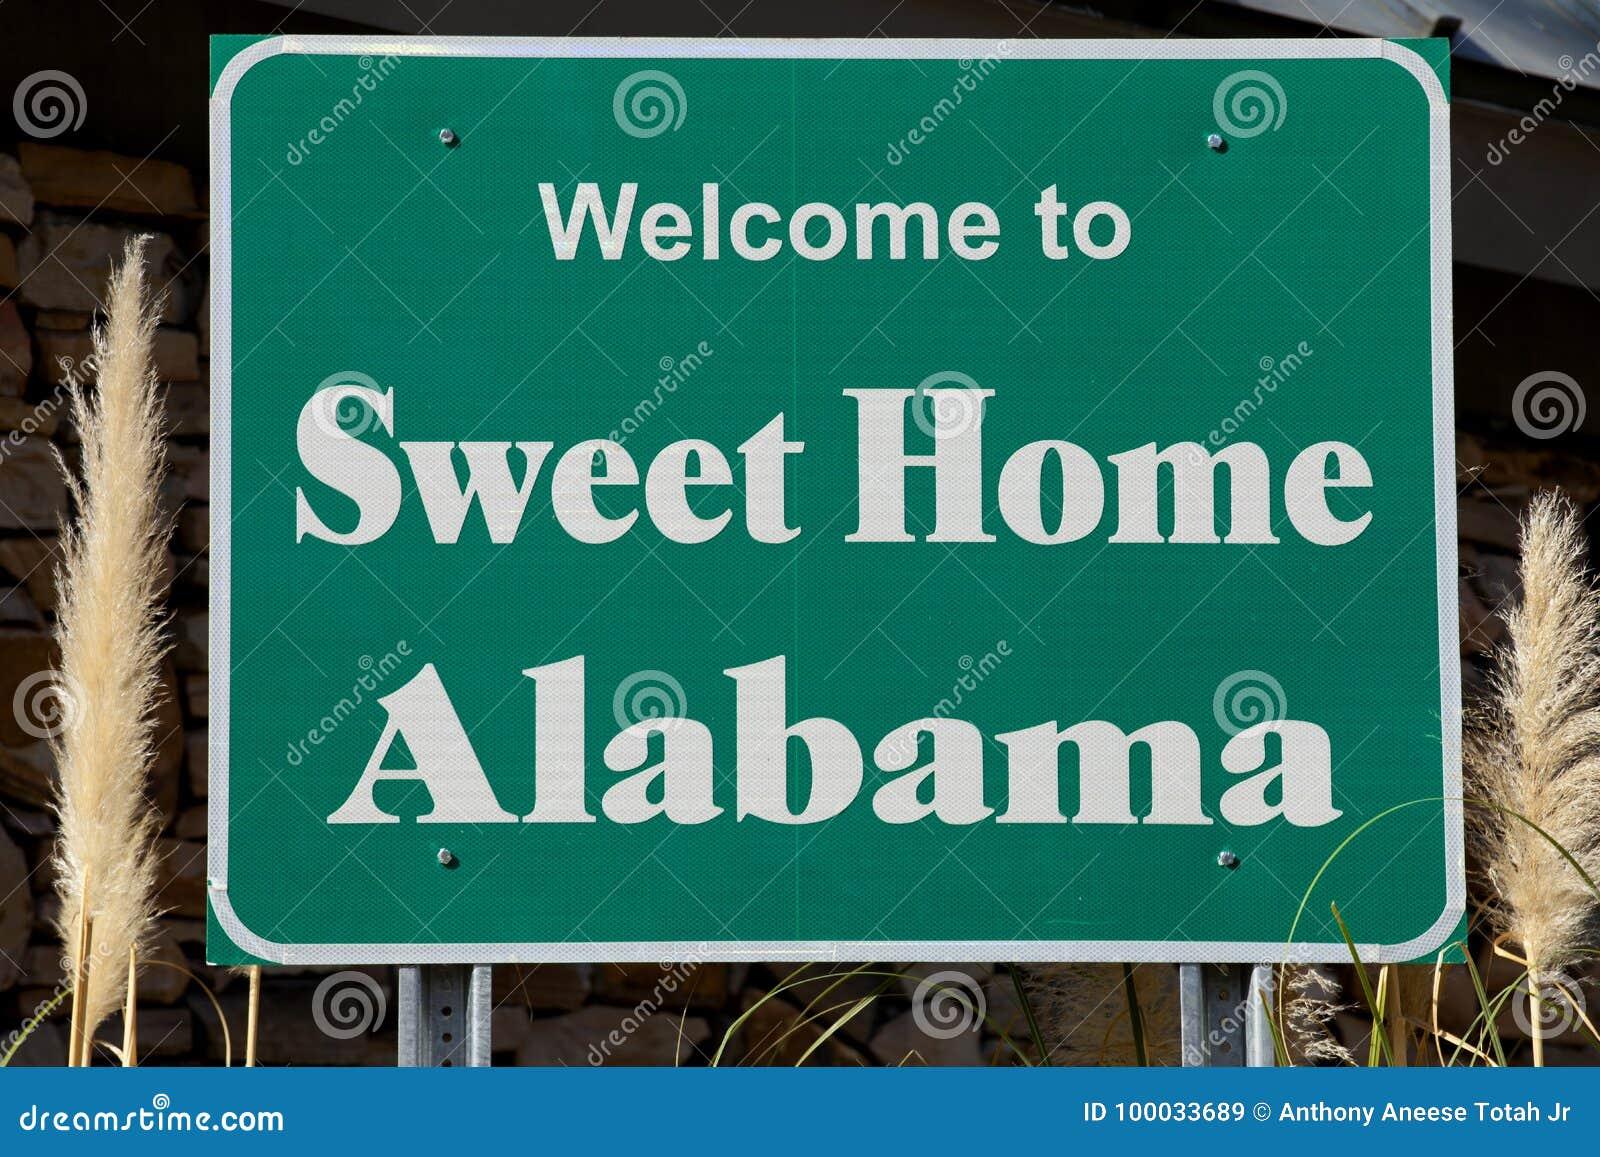 Алабама, котор нужно приветствовать